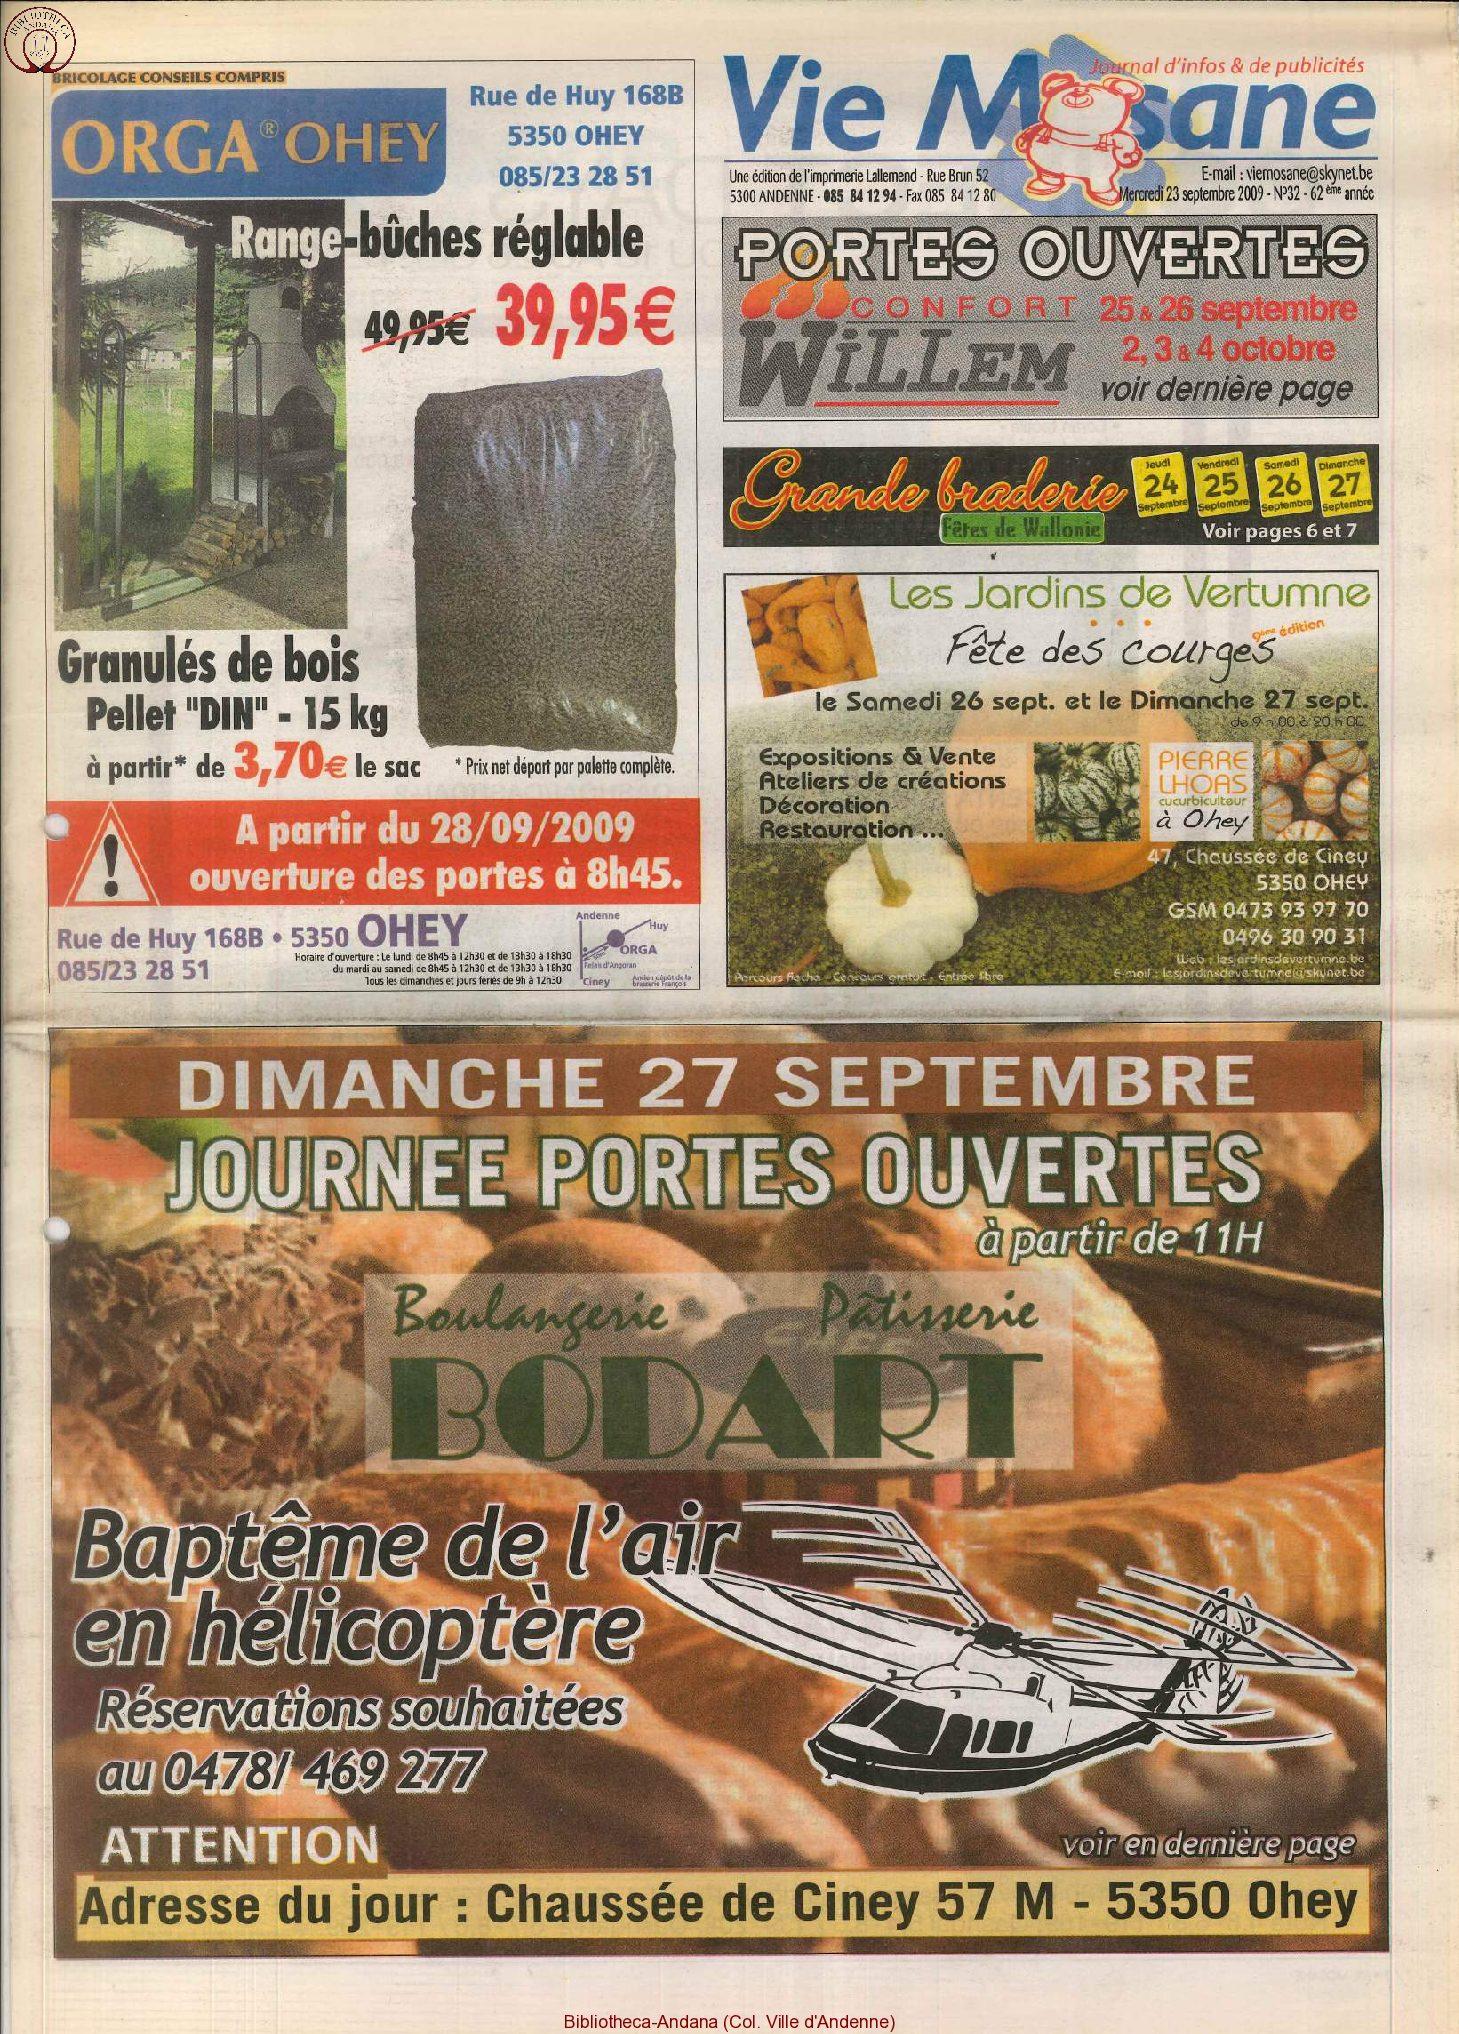 62e année - n°32 - 23 septembre 2009